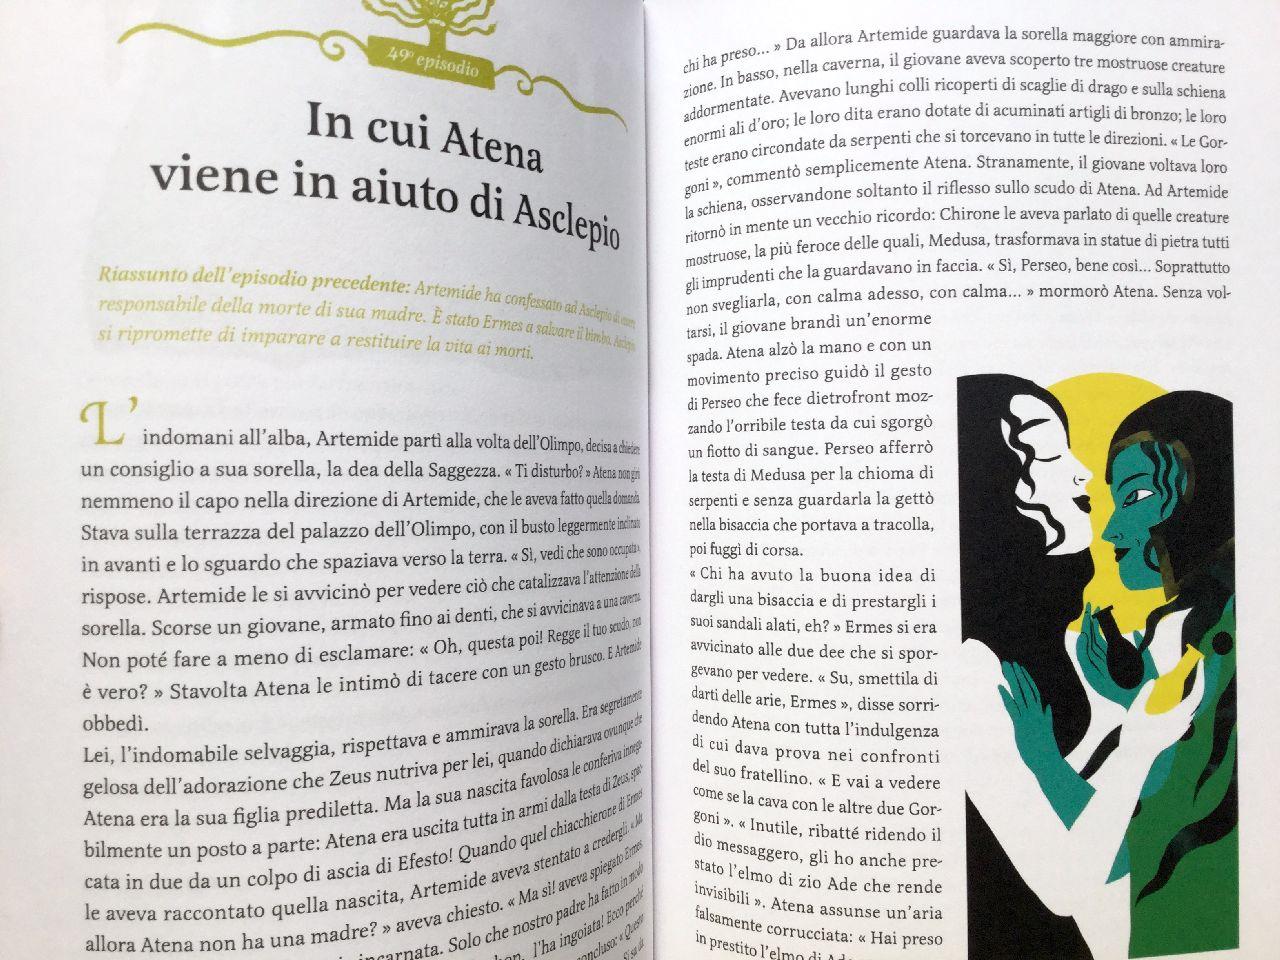 Murielle Szac - Olivia Sautreuil, Il romanzo di Artemide, L'ippoccampo